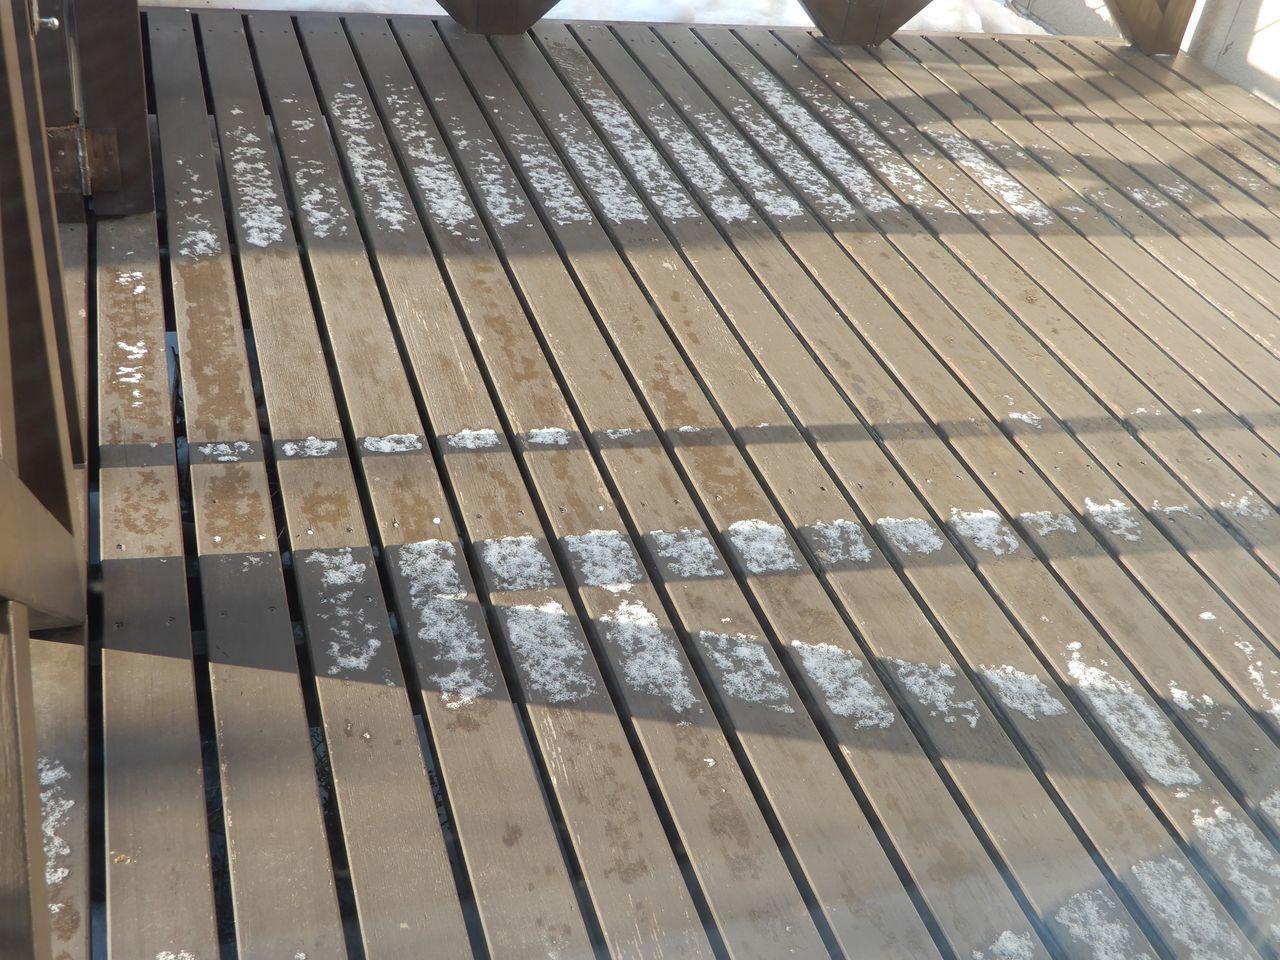 昨日に比べると寒いですがプラスになりました_c0025115_21154207.jpg